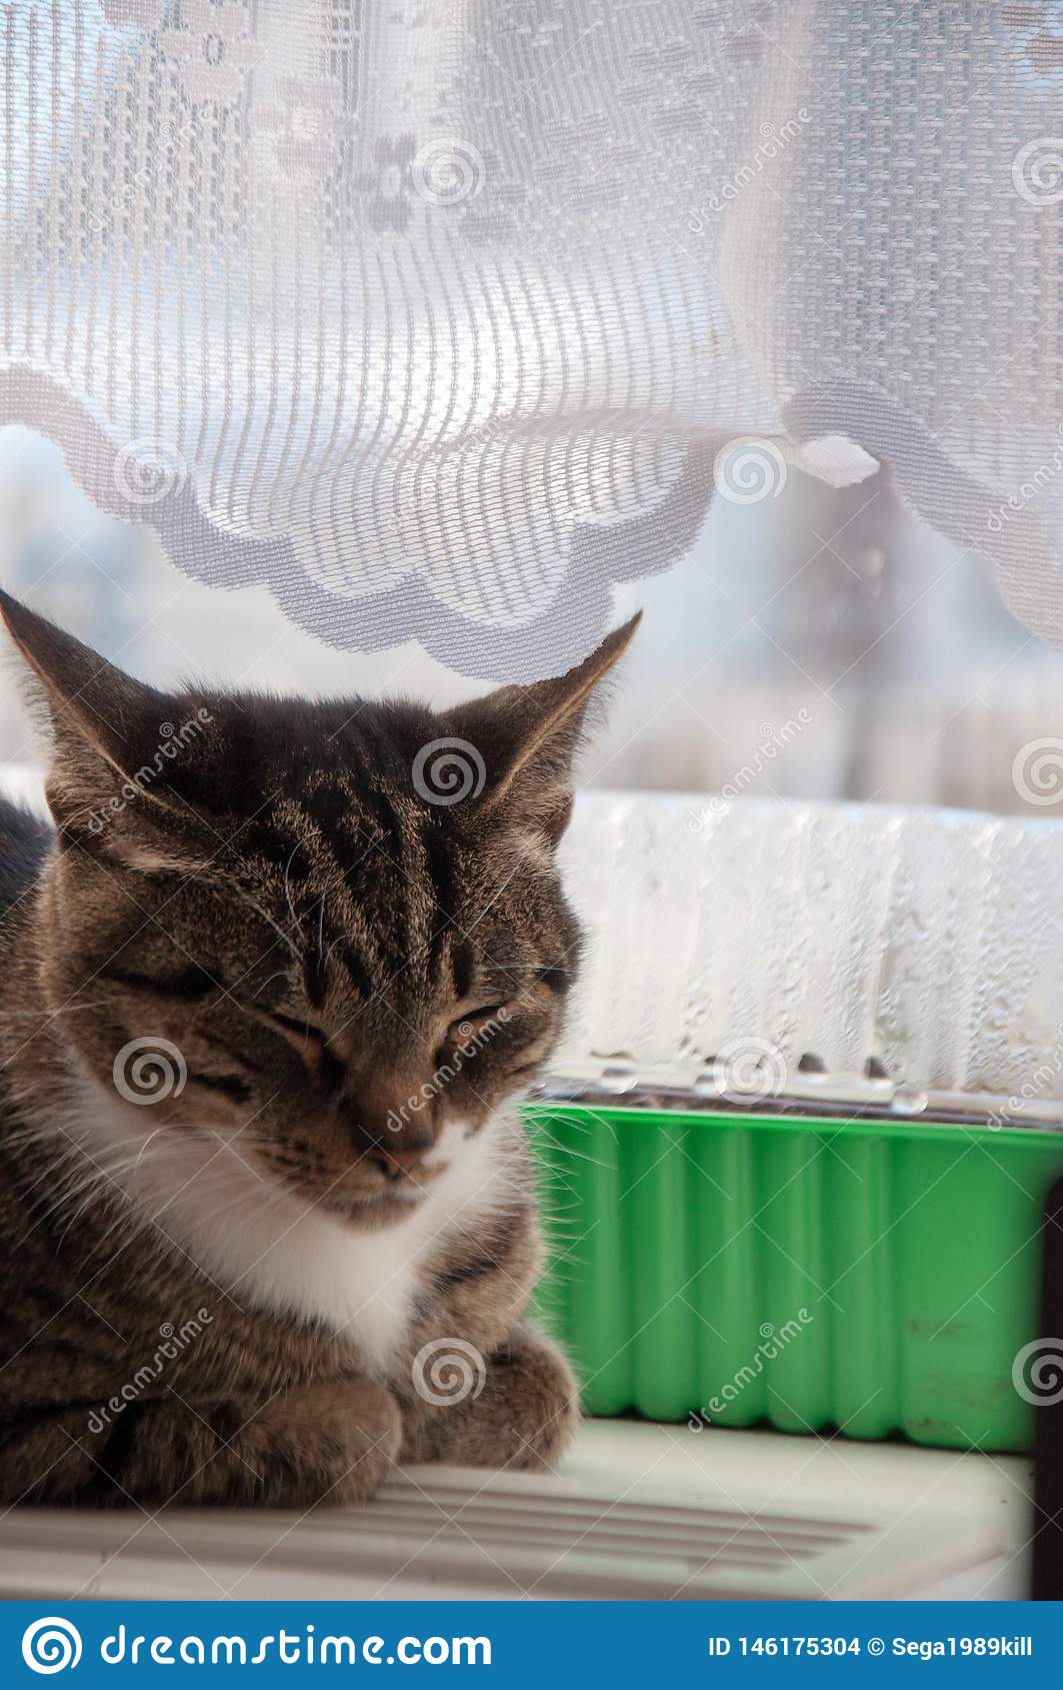 1 mooie kat baldeet op het venster